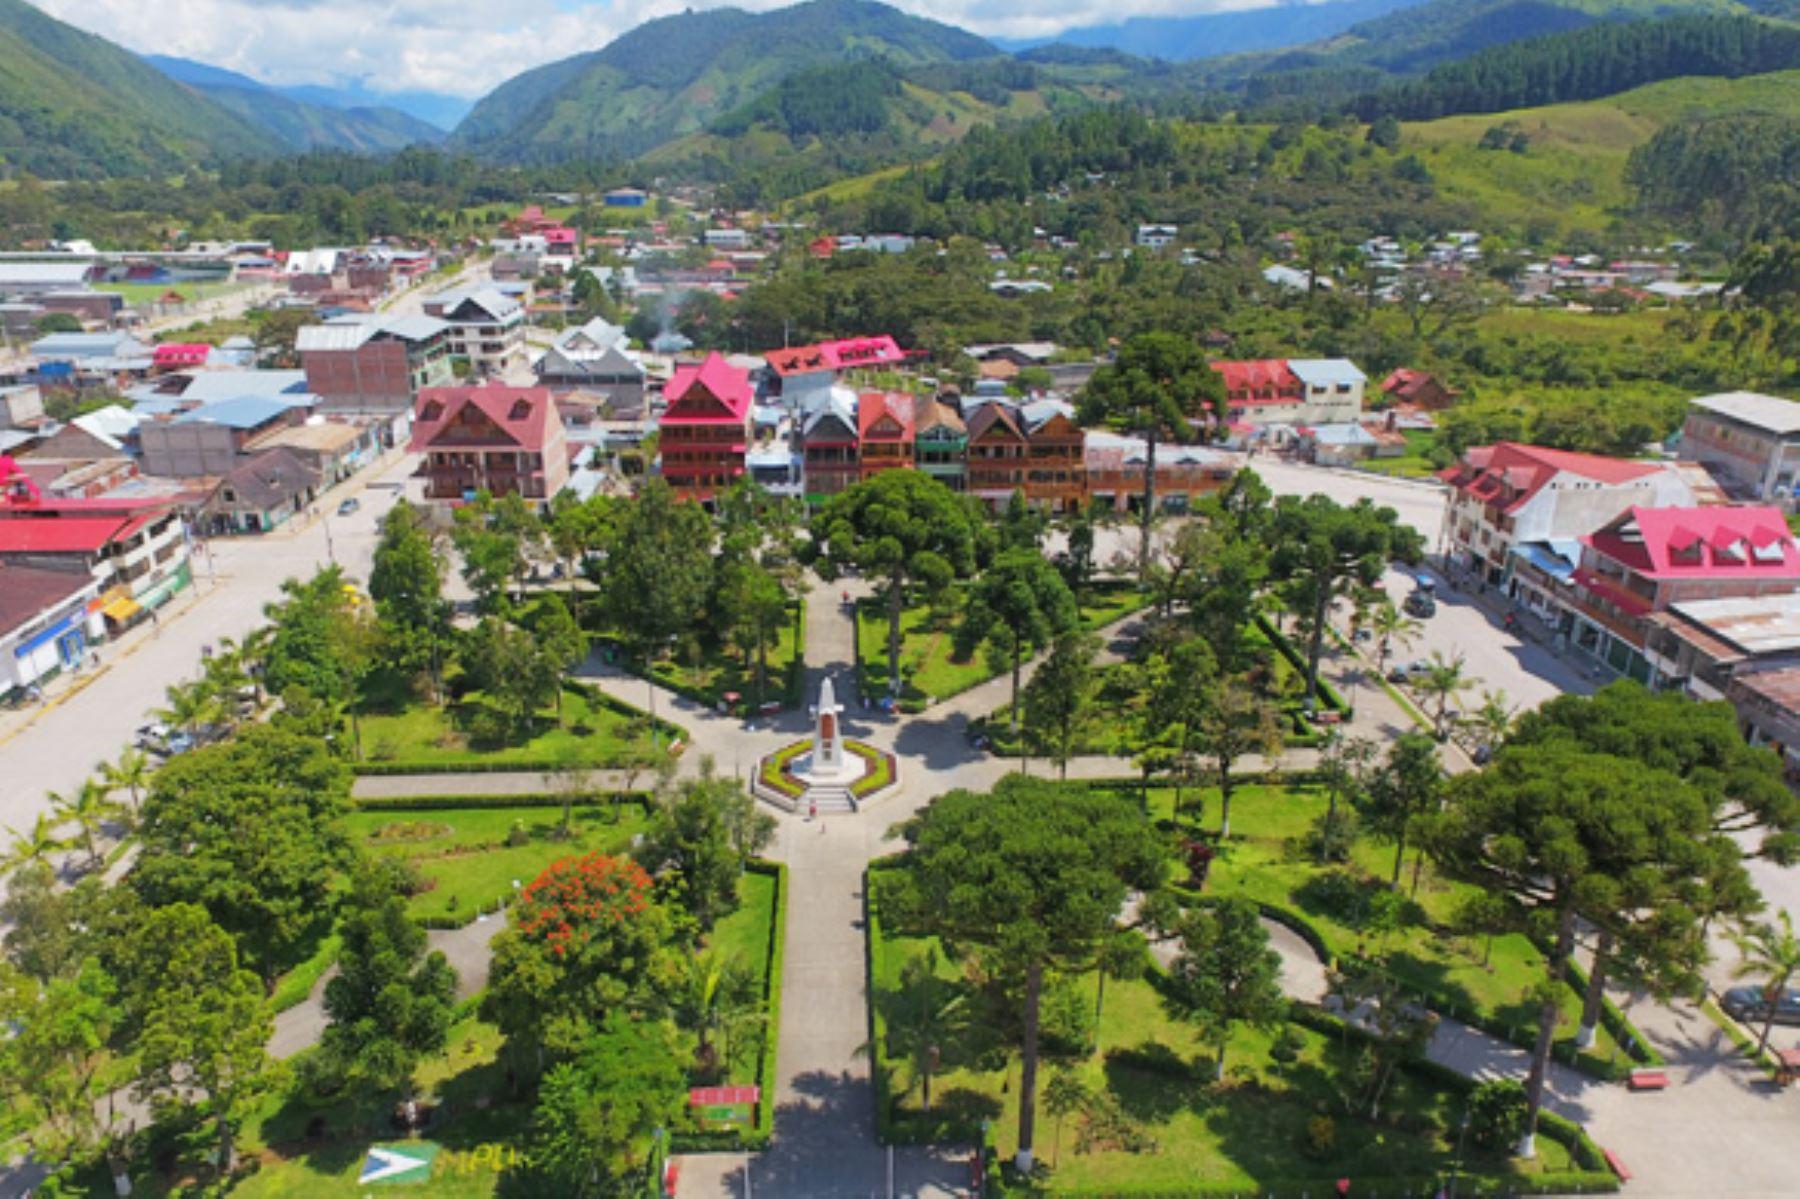 Autoridades de Defensa Civil monitorean las zonas vulnerables de Oxapampa (Pasco) tras sismo de magnitud 4.2 registrado esta tarde. Foto: ANDINA/Difusión